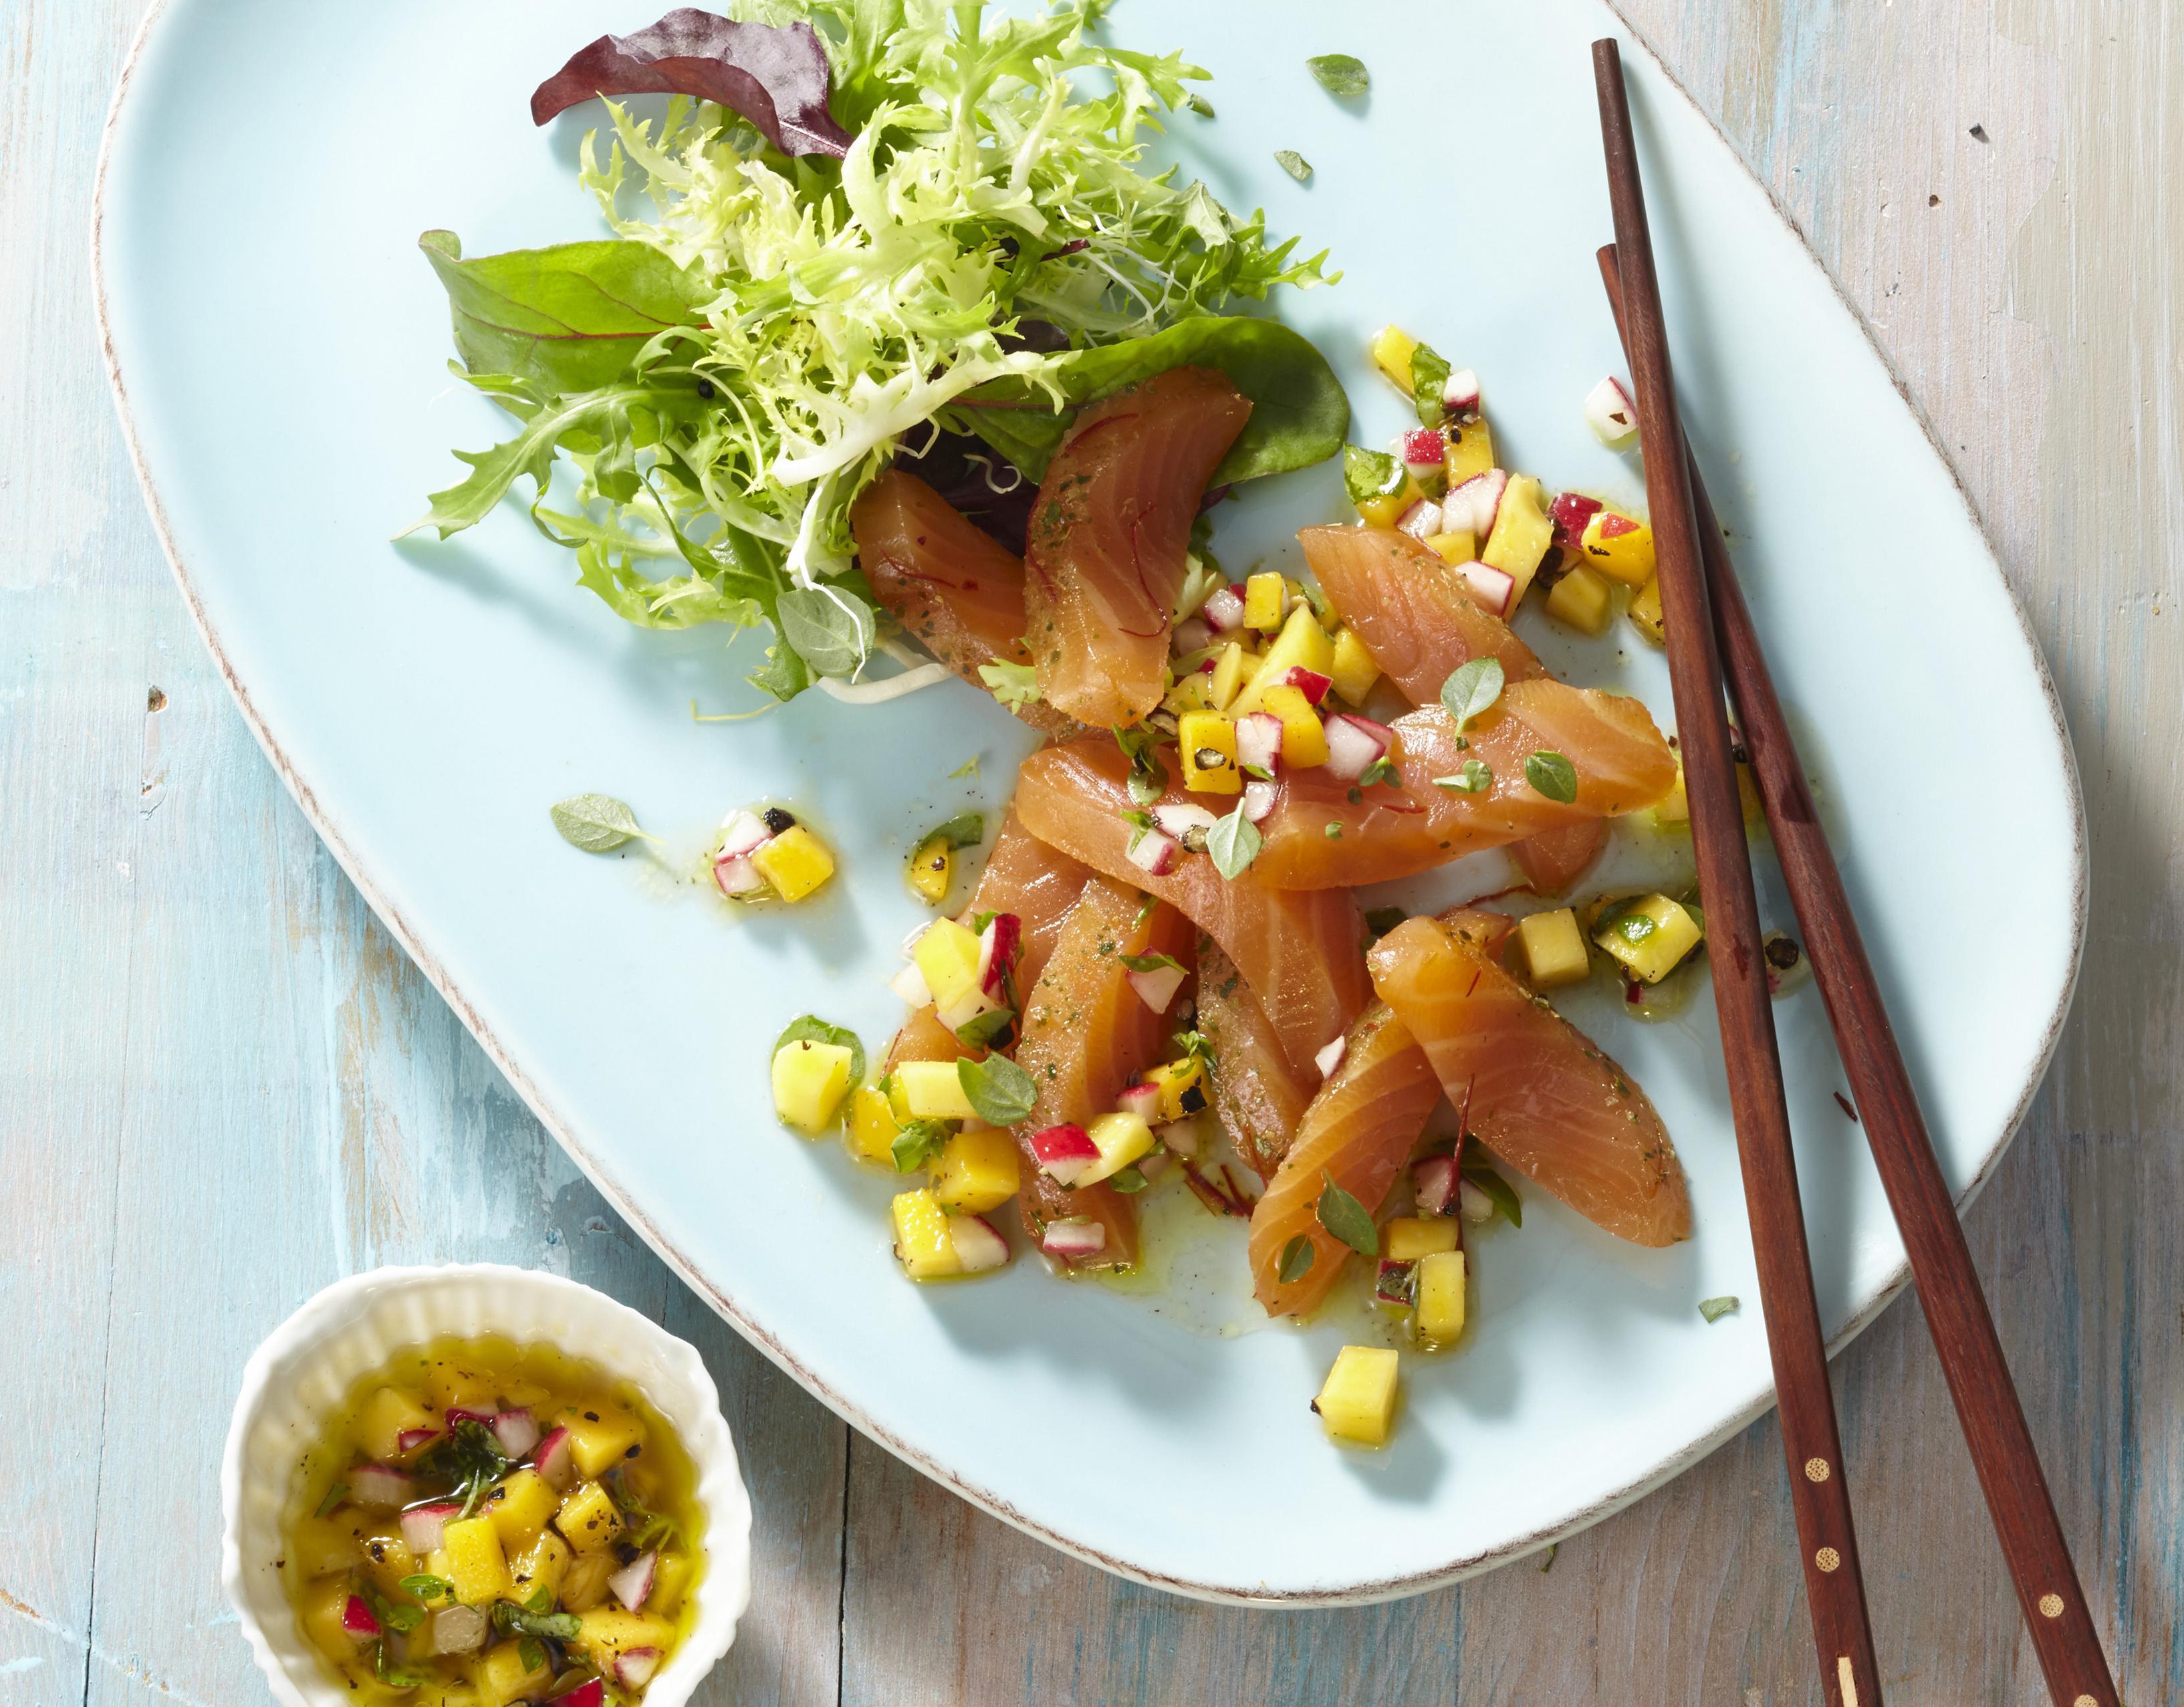 Thailachs mit Mango-Salsa